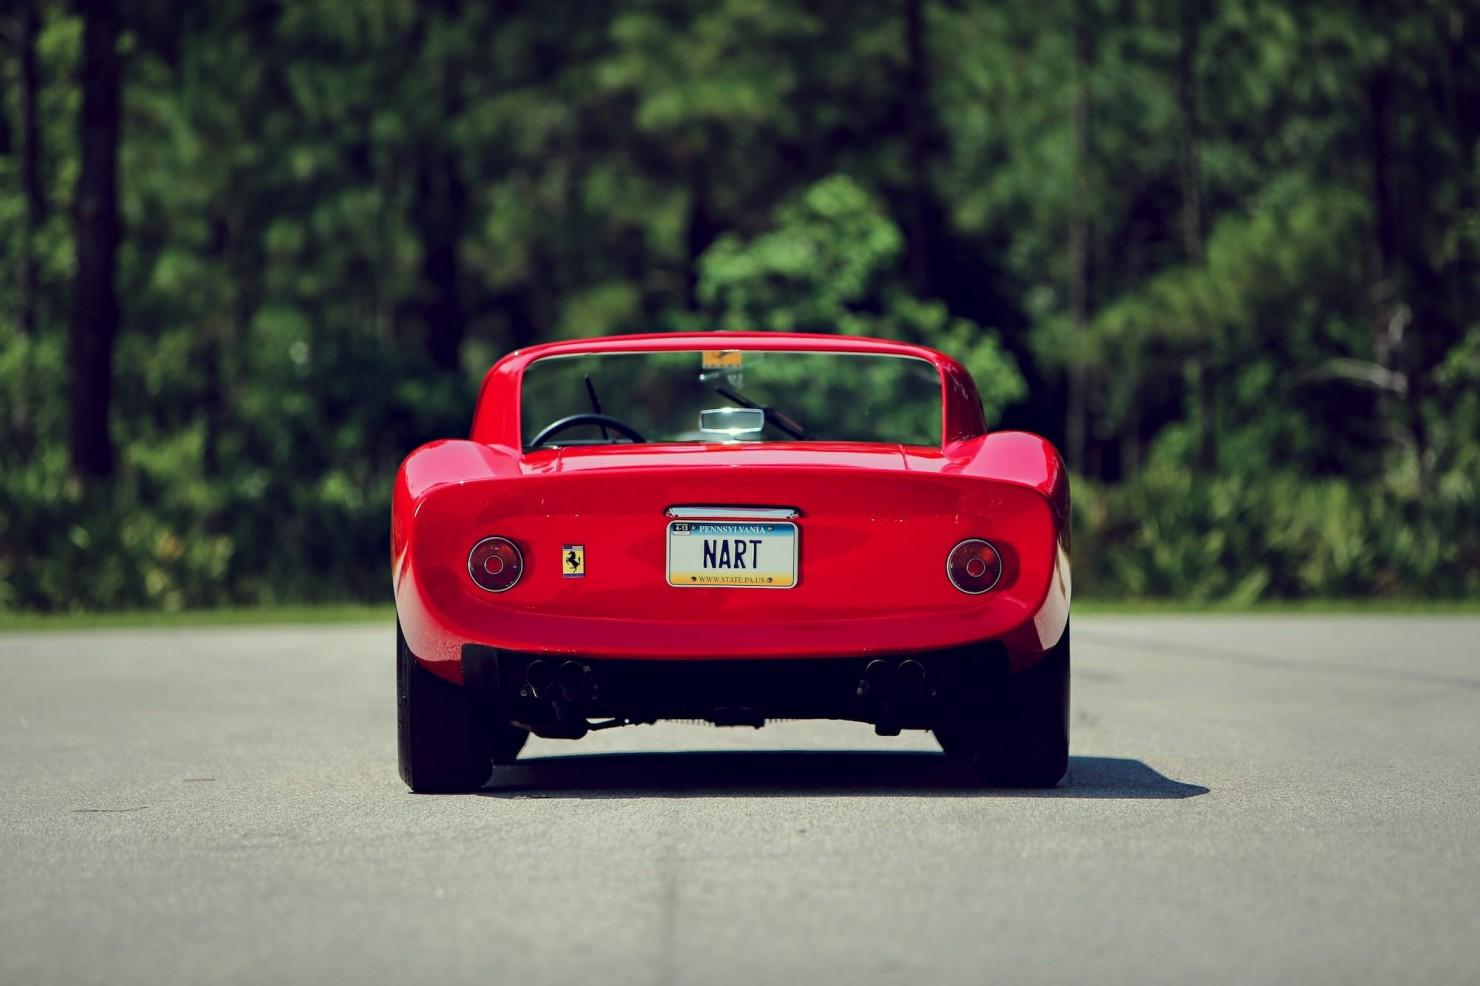 Ferrari 250 GT N.A.R.T. Spider by Fantuzzi 15